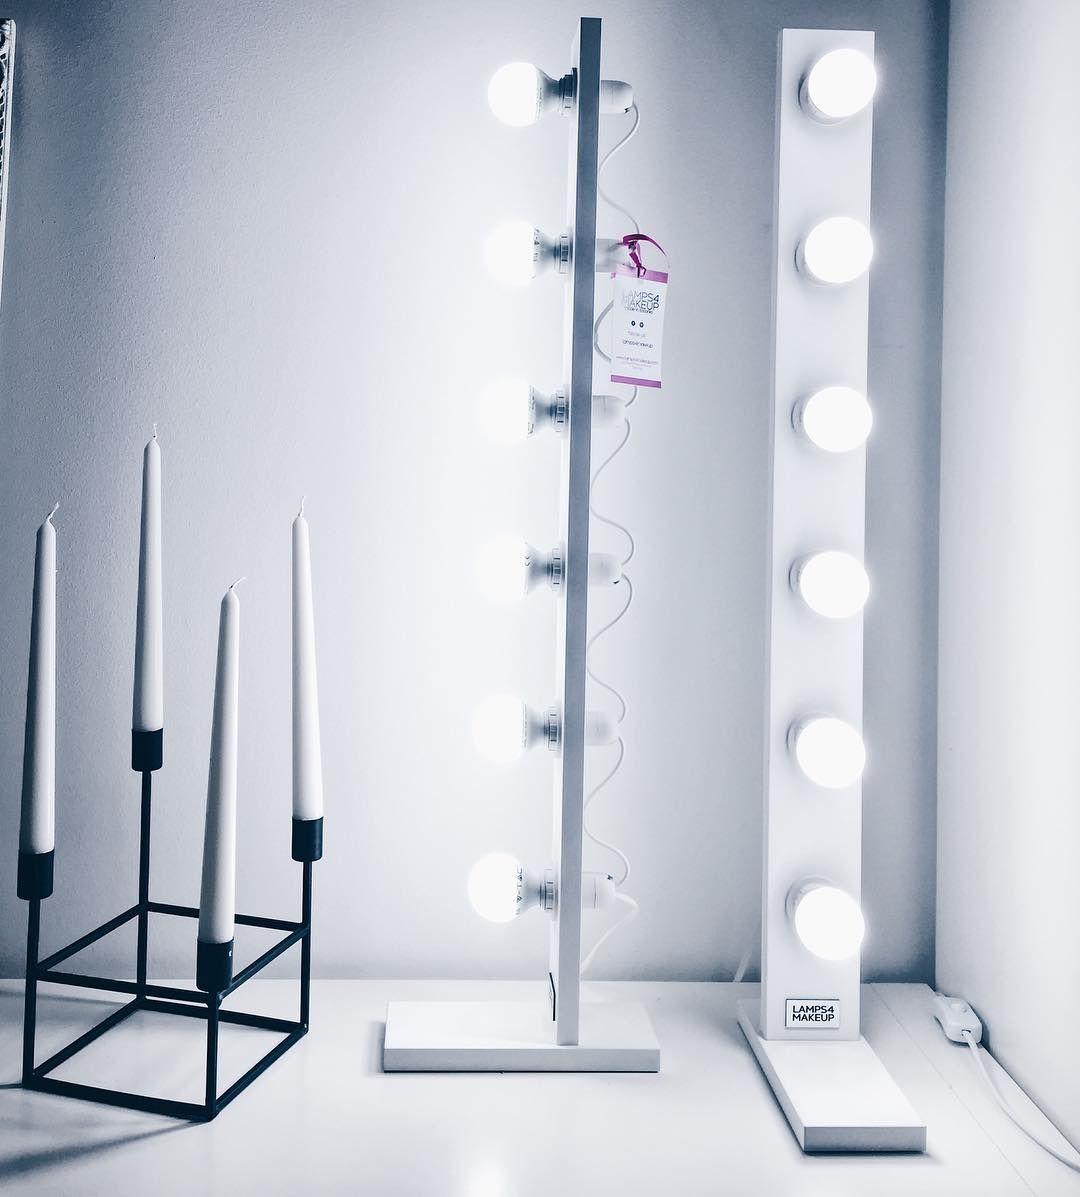 Ikea Schminktisch Lampen Schminktisch Beleuchtung Ikea Schminkspiegel Schminkspiegel